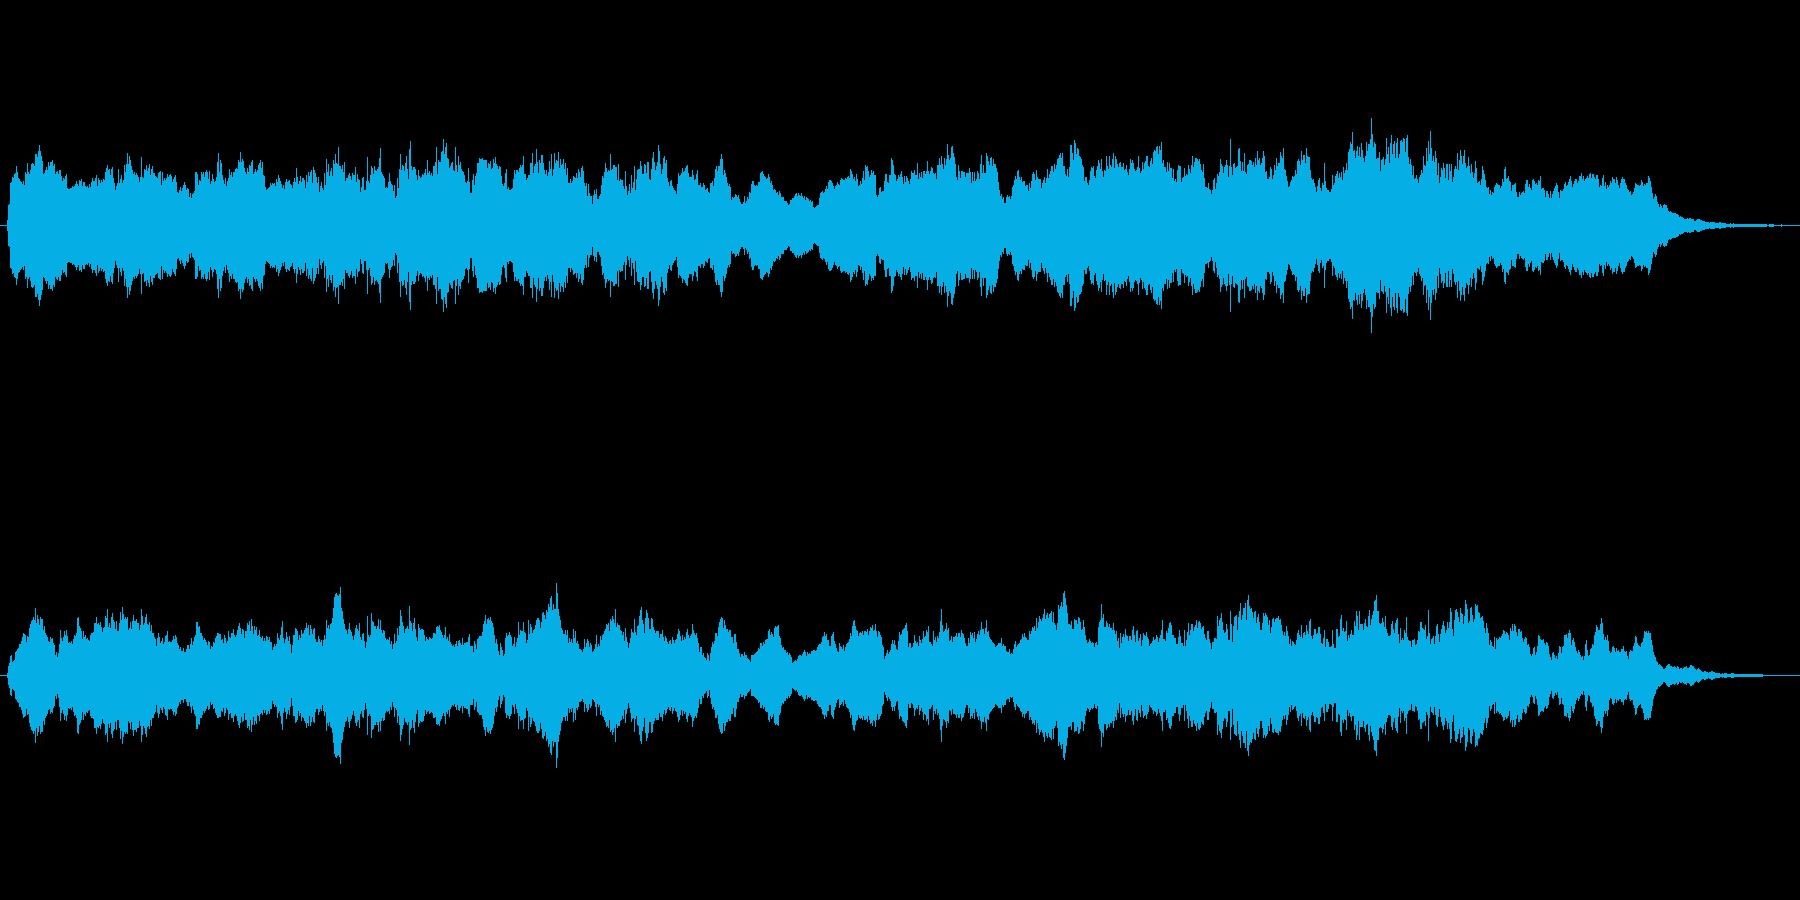 キラキラしたメルヘンチックなジングル5の再生済みの波形